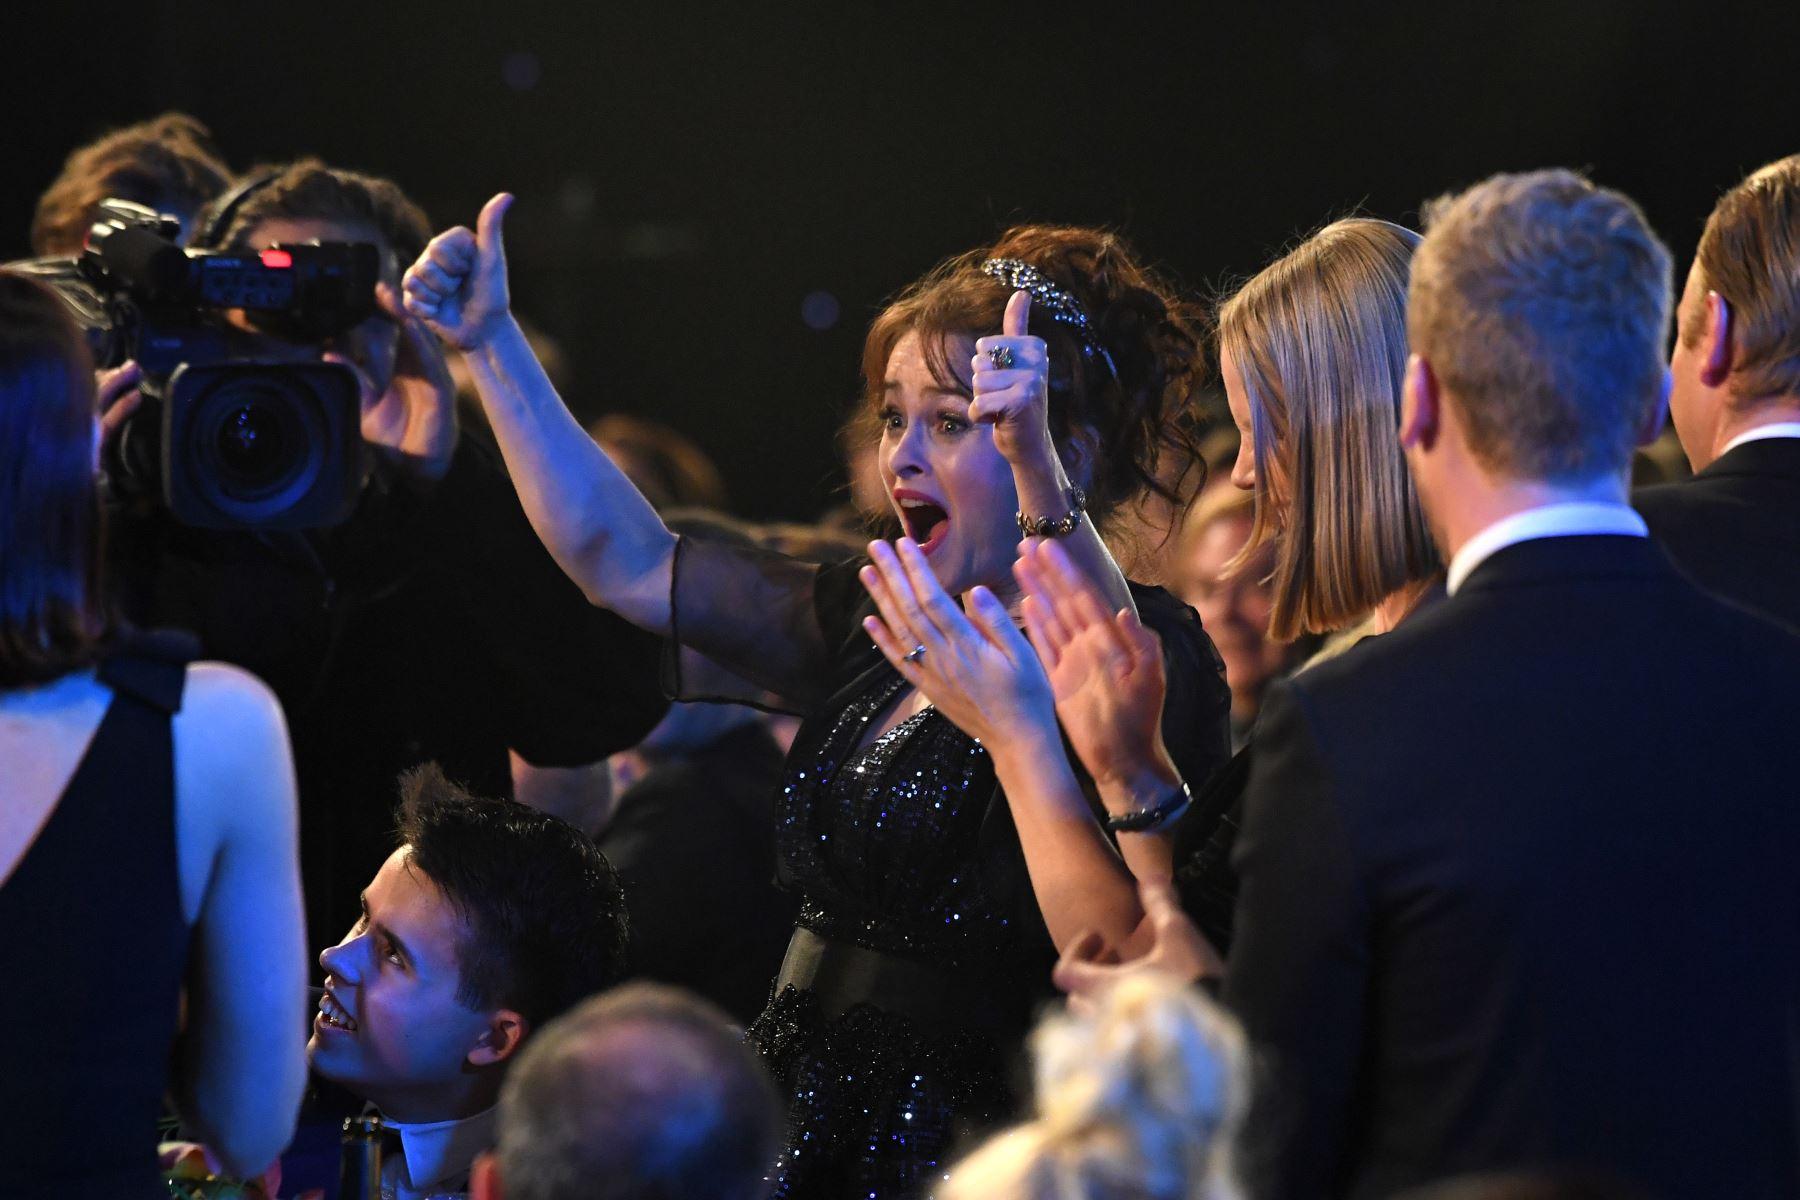 La actriz británica Helena Bonham Carter celebra haber ganado el premio a la Mejor Actuación de un Conjunto en una Serie de Drama durante la 26a edición anual de los Premios Screen Actors Guild Awards. AFP